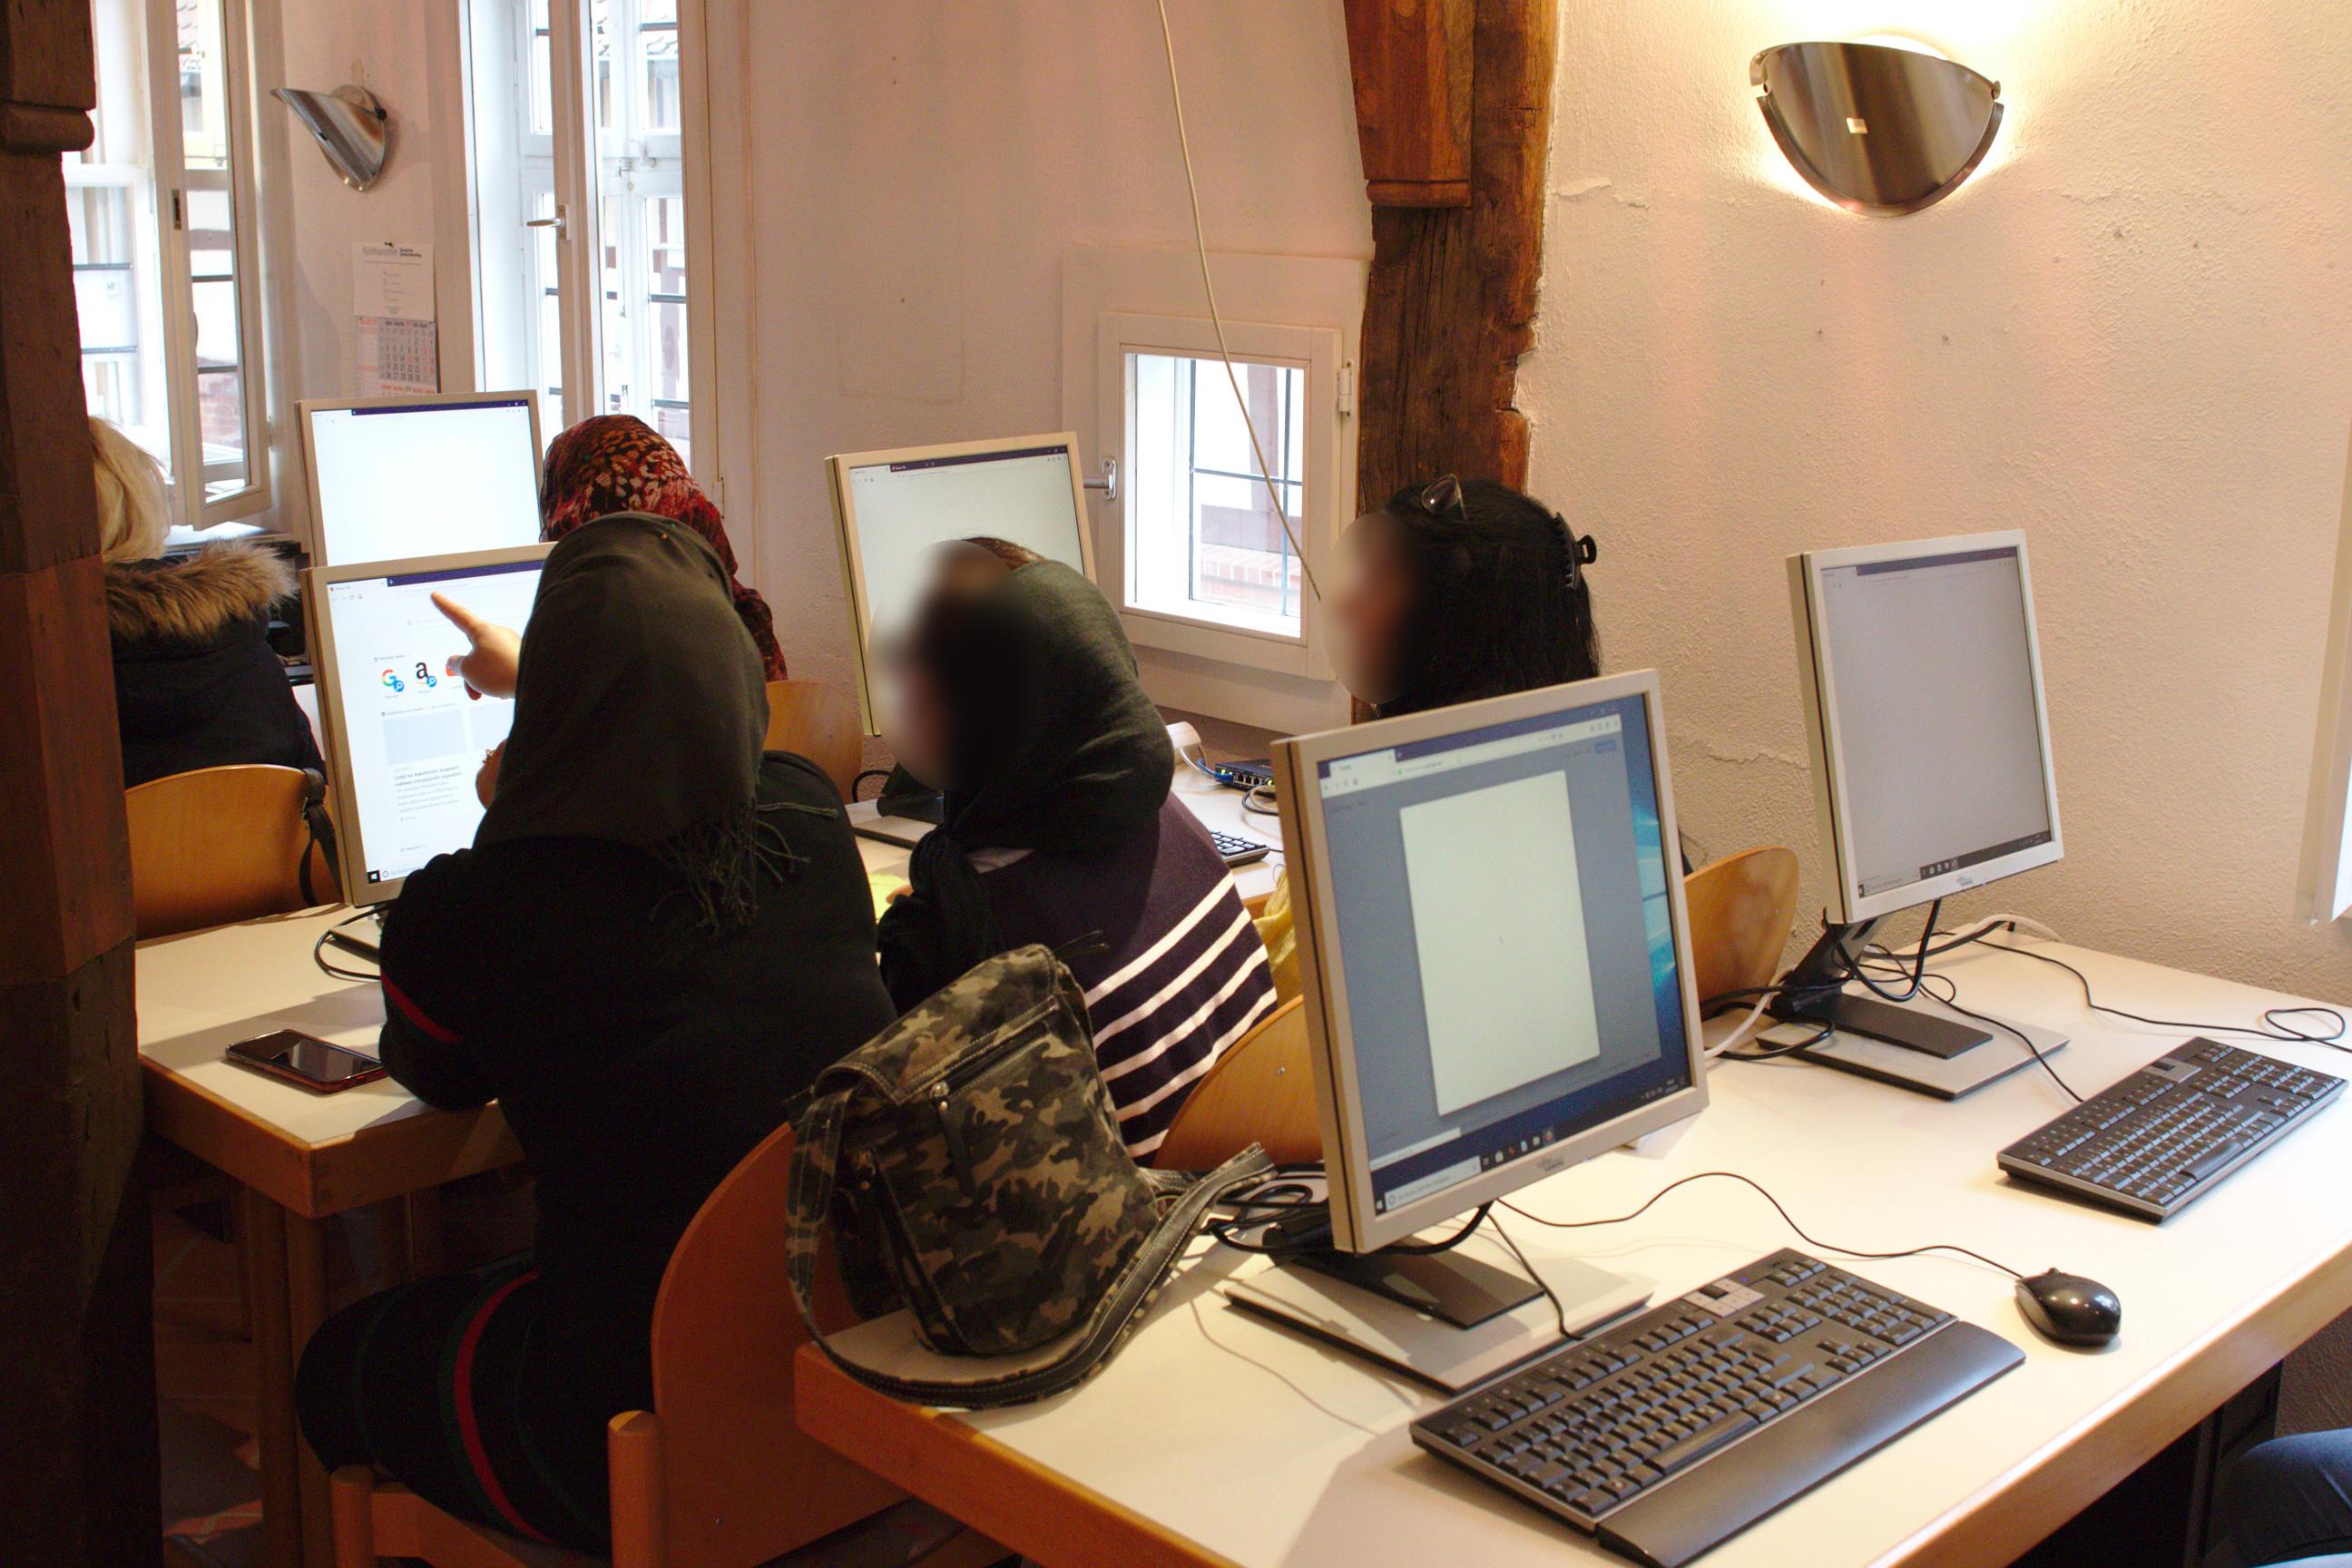 Fünf Frauen sitzen vor einigen Computern.